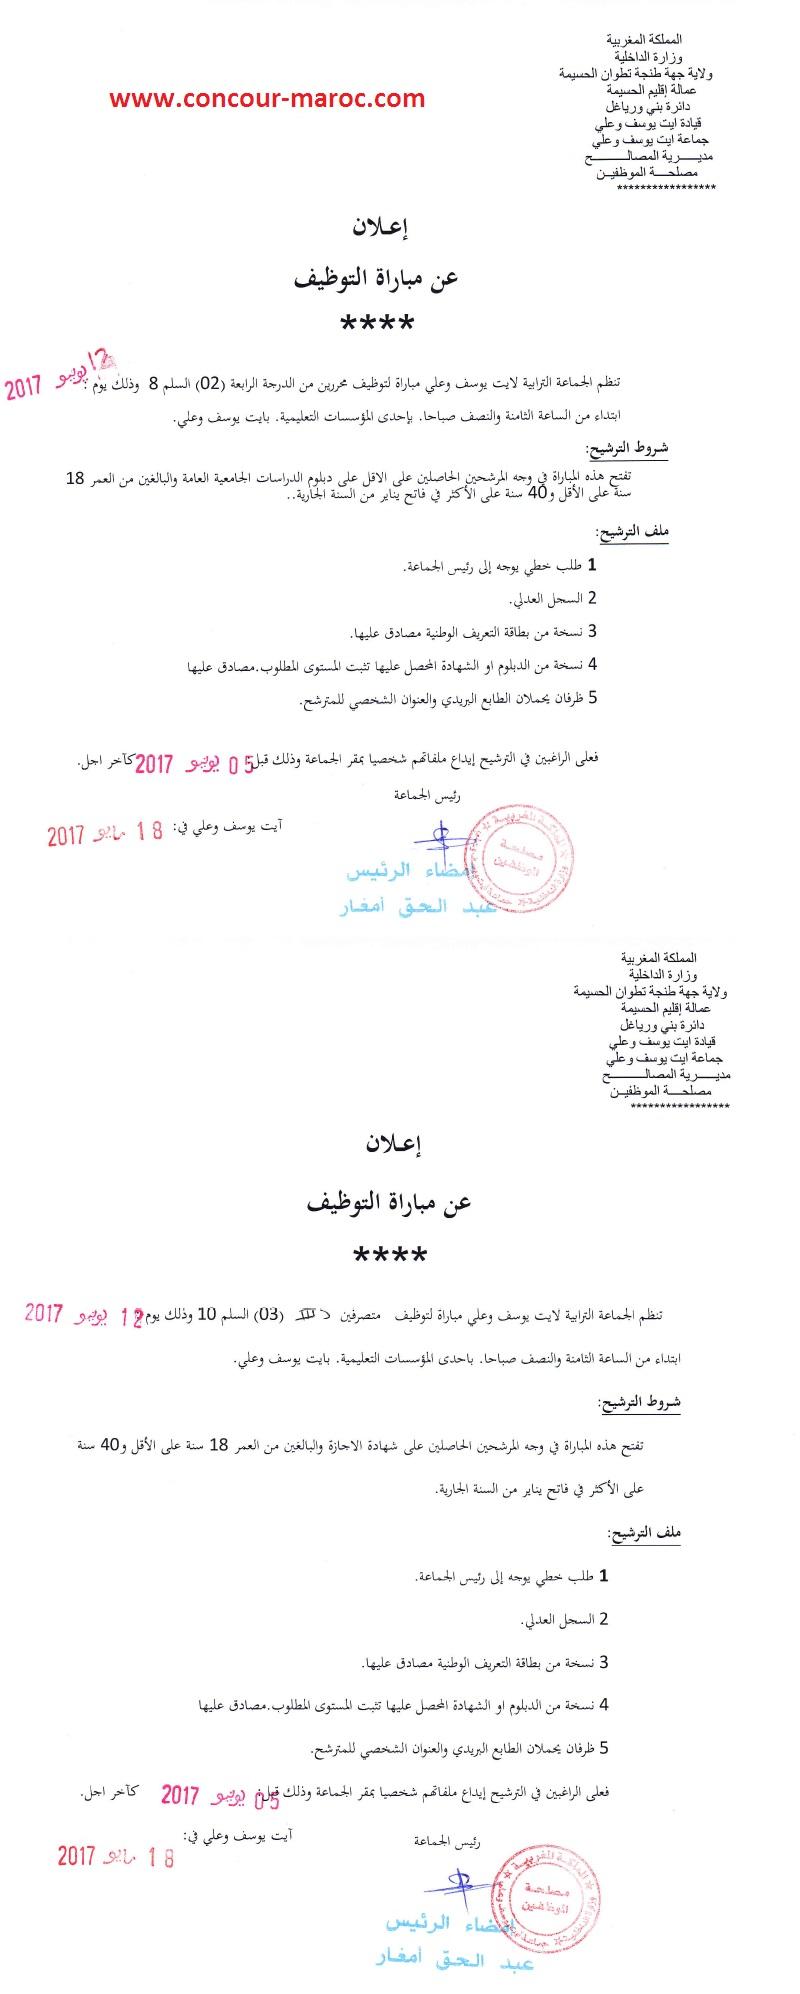 جماعة أيت يوسف وعلي (إقليم الحسيمة ) : مباراة توظيف في درجات مختلفة (10 منصب) آخر أجل لإيداع الترشيحات 5 يونيو 2017 Concou98